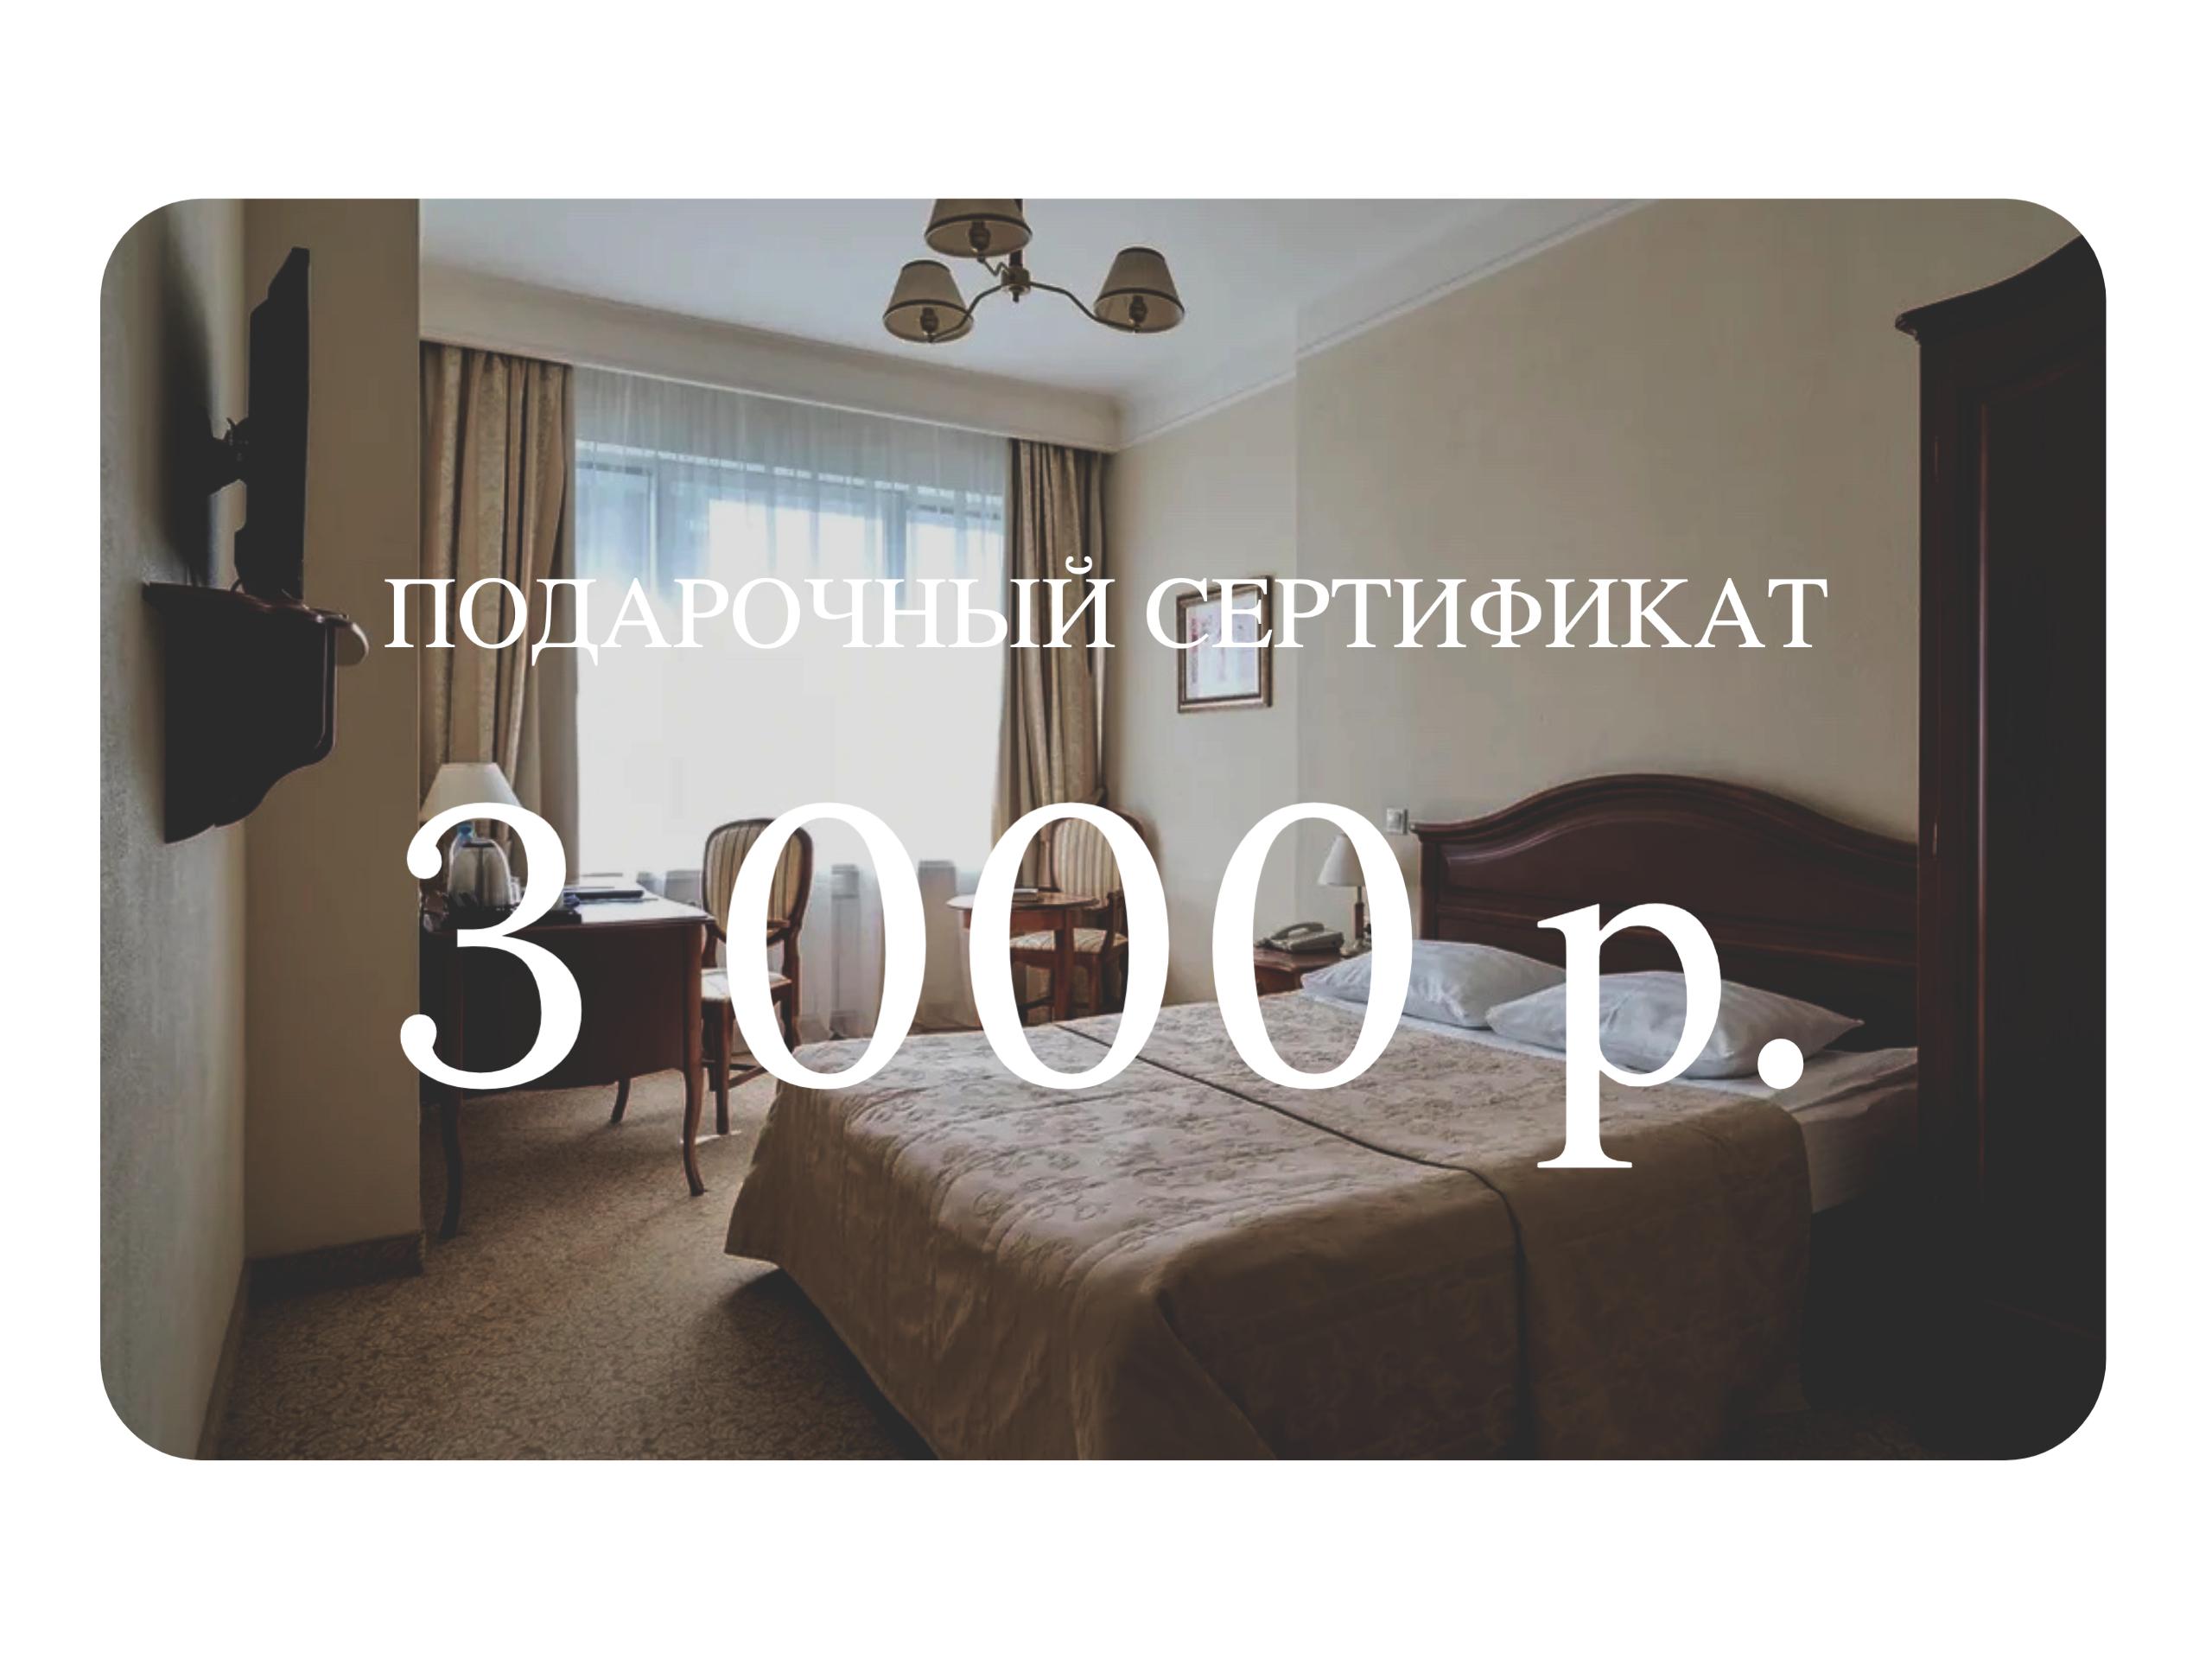 подарочный сертификат в отеле на 3000